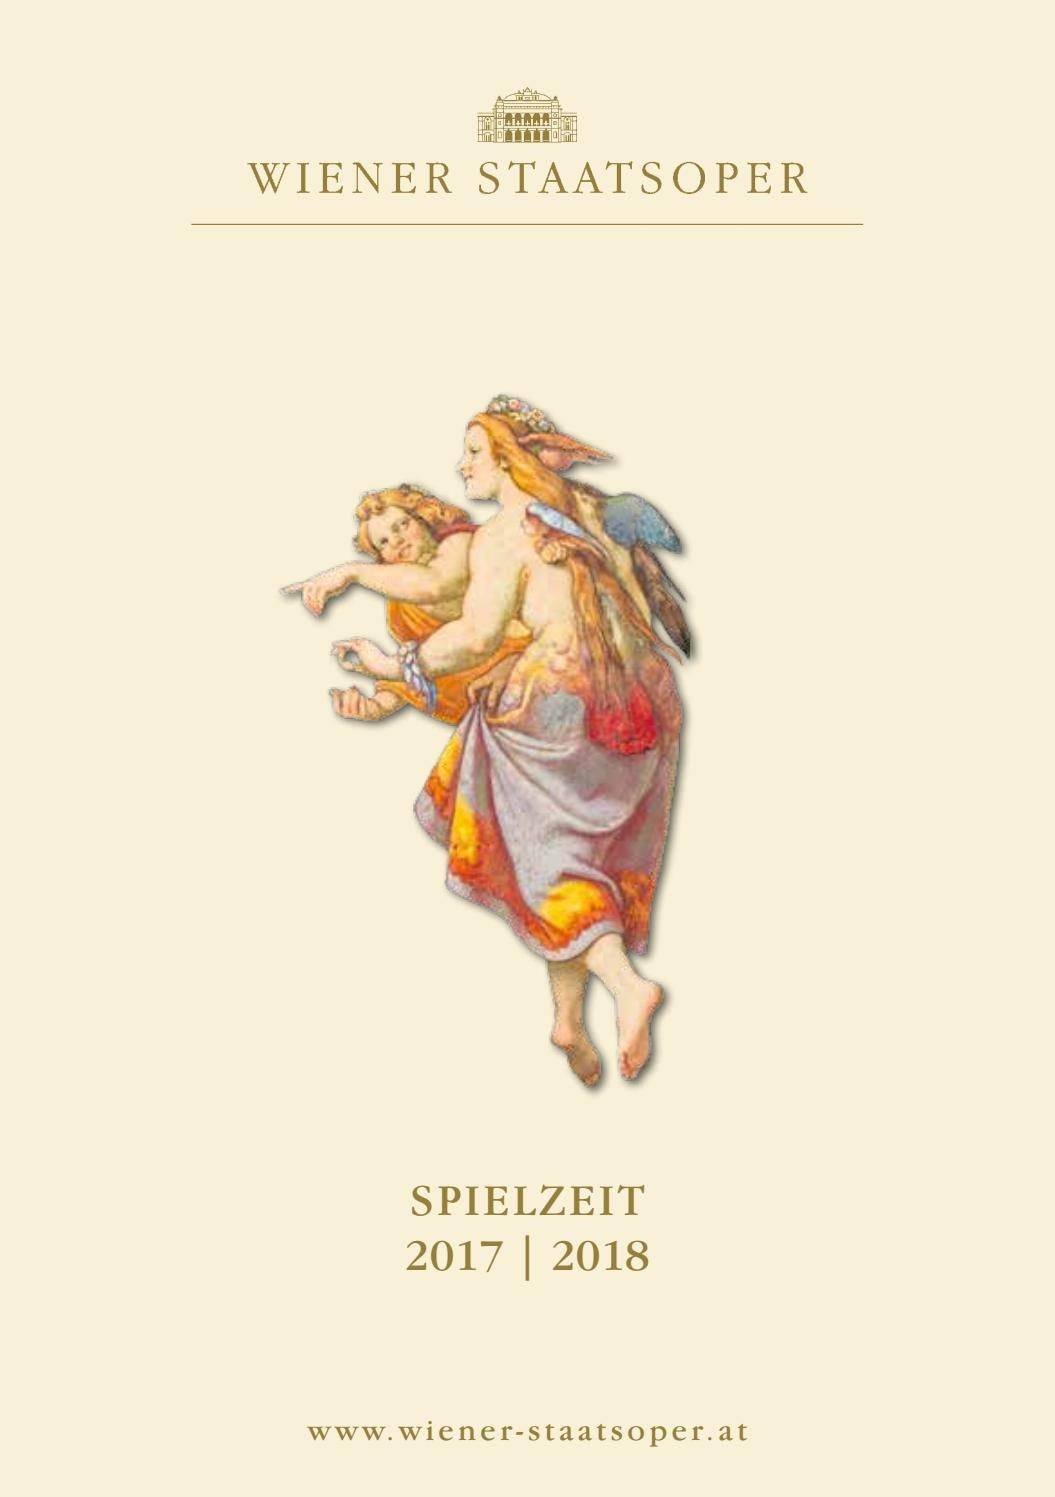 Spielzeit 2017 2018 By Wiener Staatsoper Gmbh Issuu